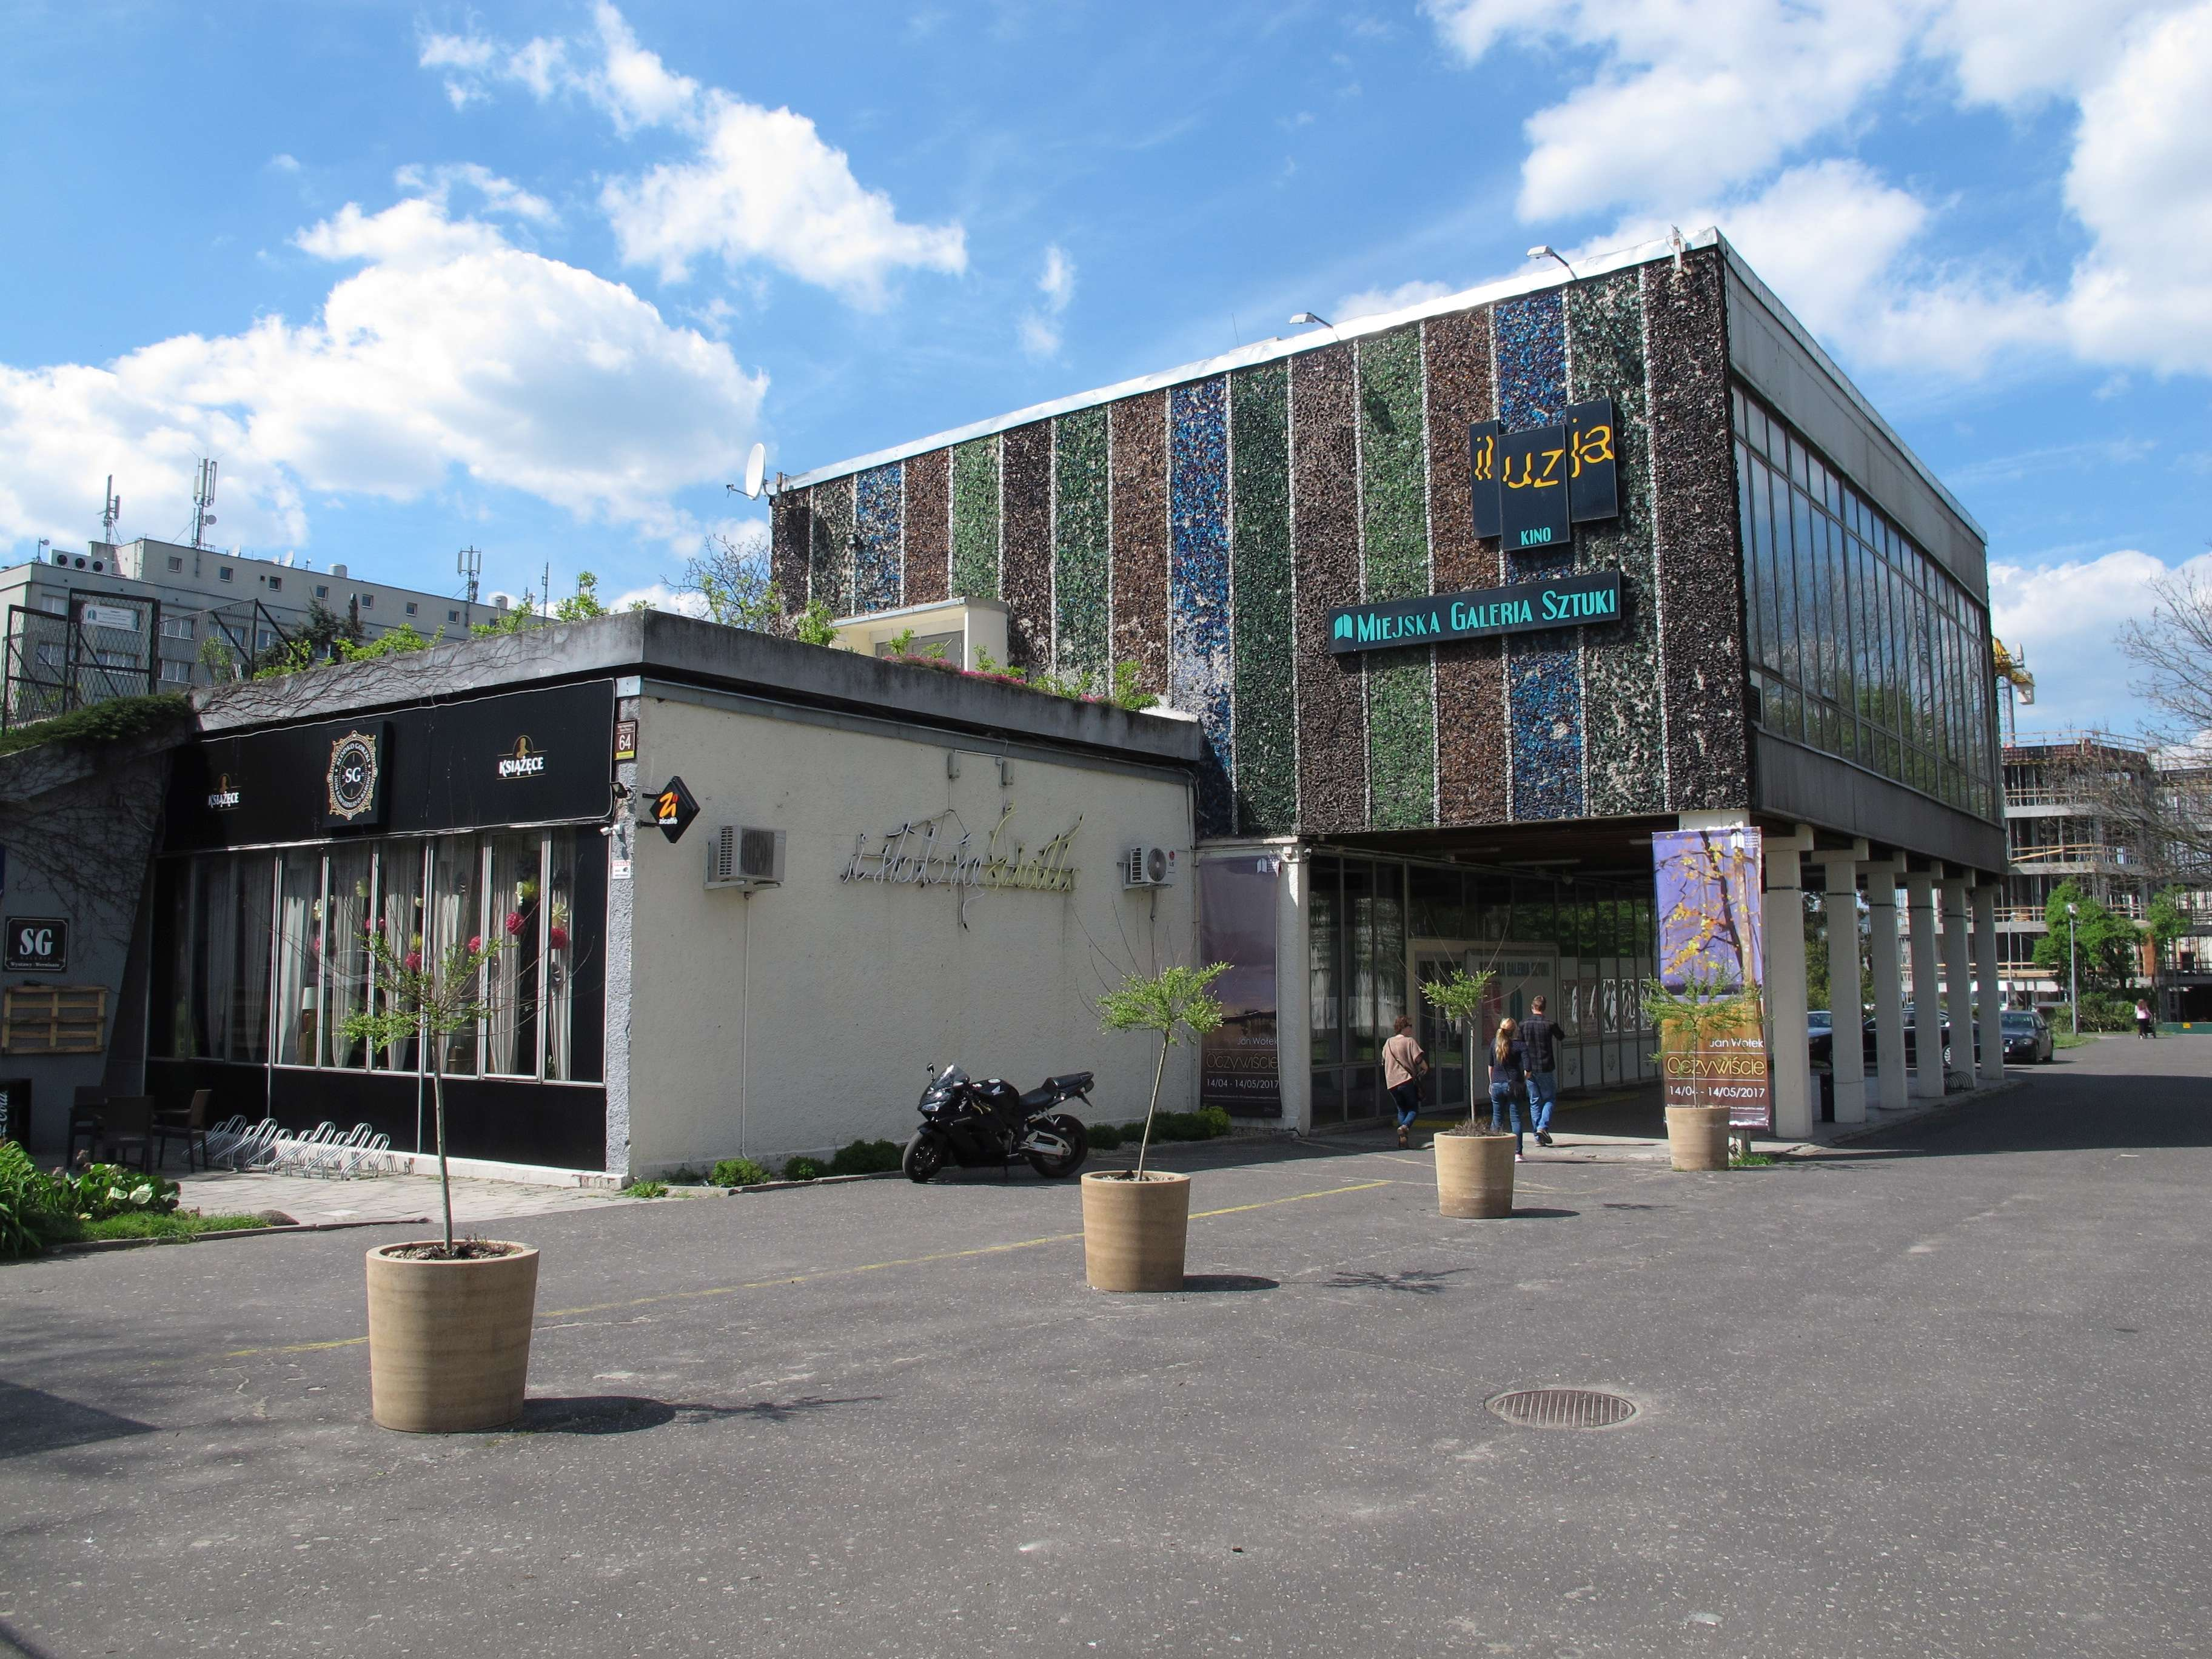 Budynek Miejskiej Galerii Sztuki